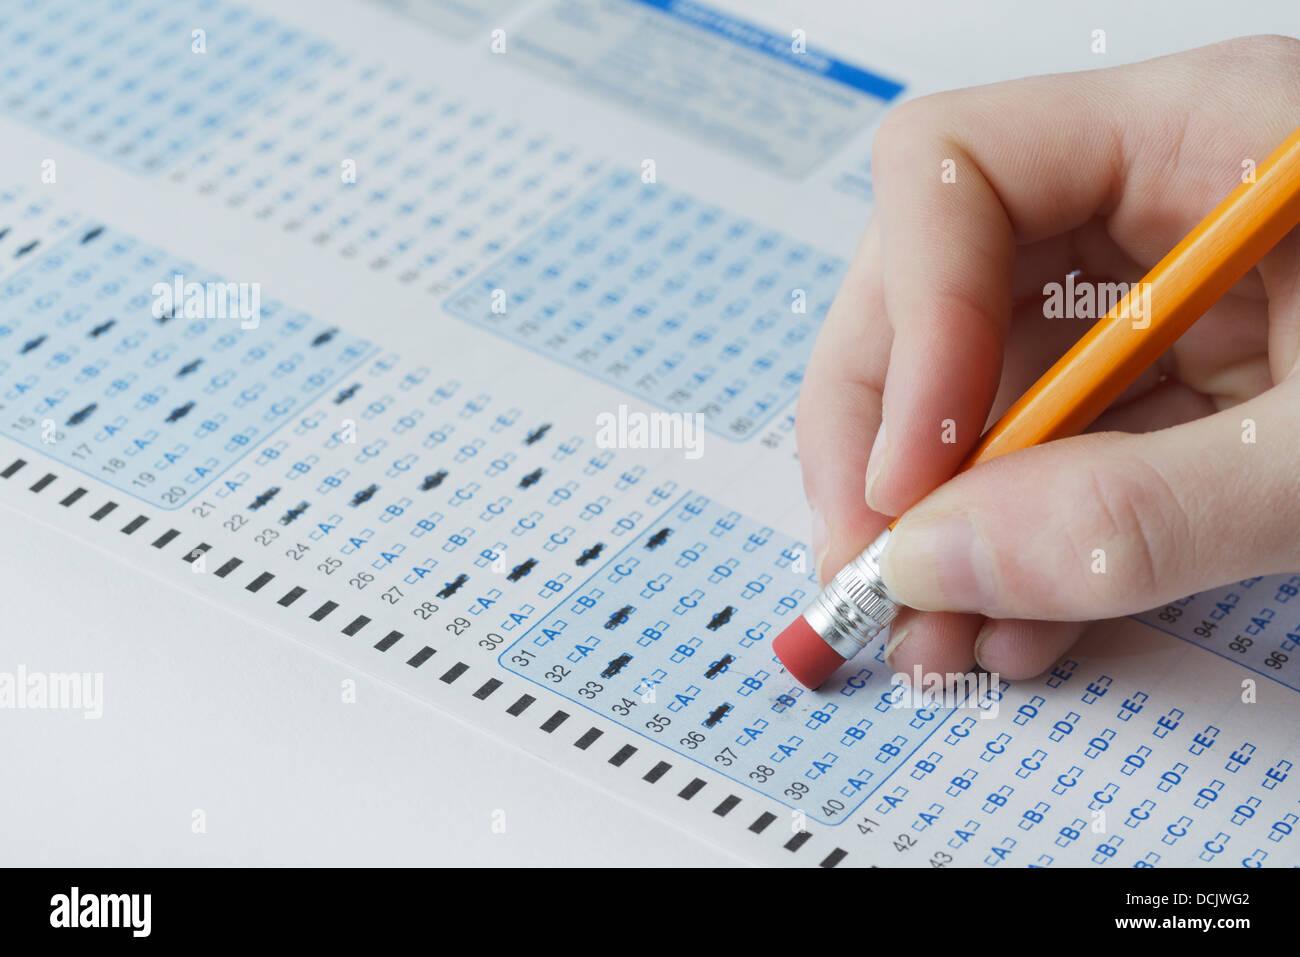 Hoja de respuestas de escaneo óptico para realizar un examen en la escuela con estudiantes borrar respuesta Imagen De Stock